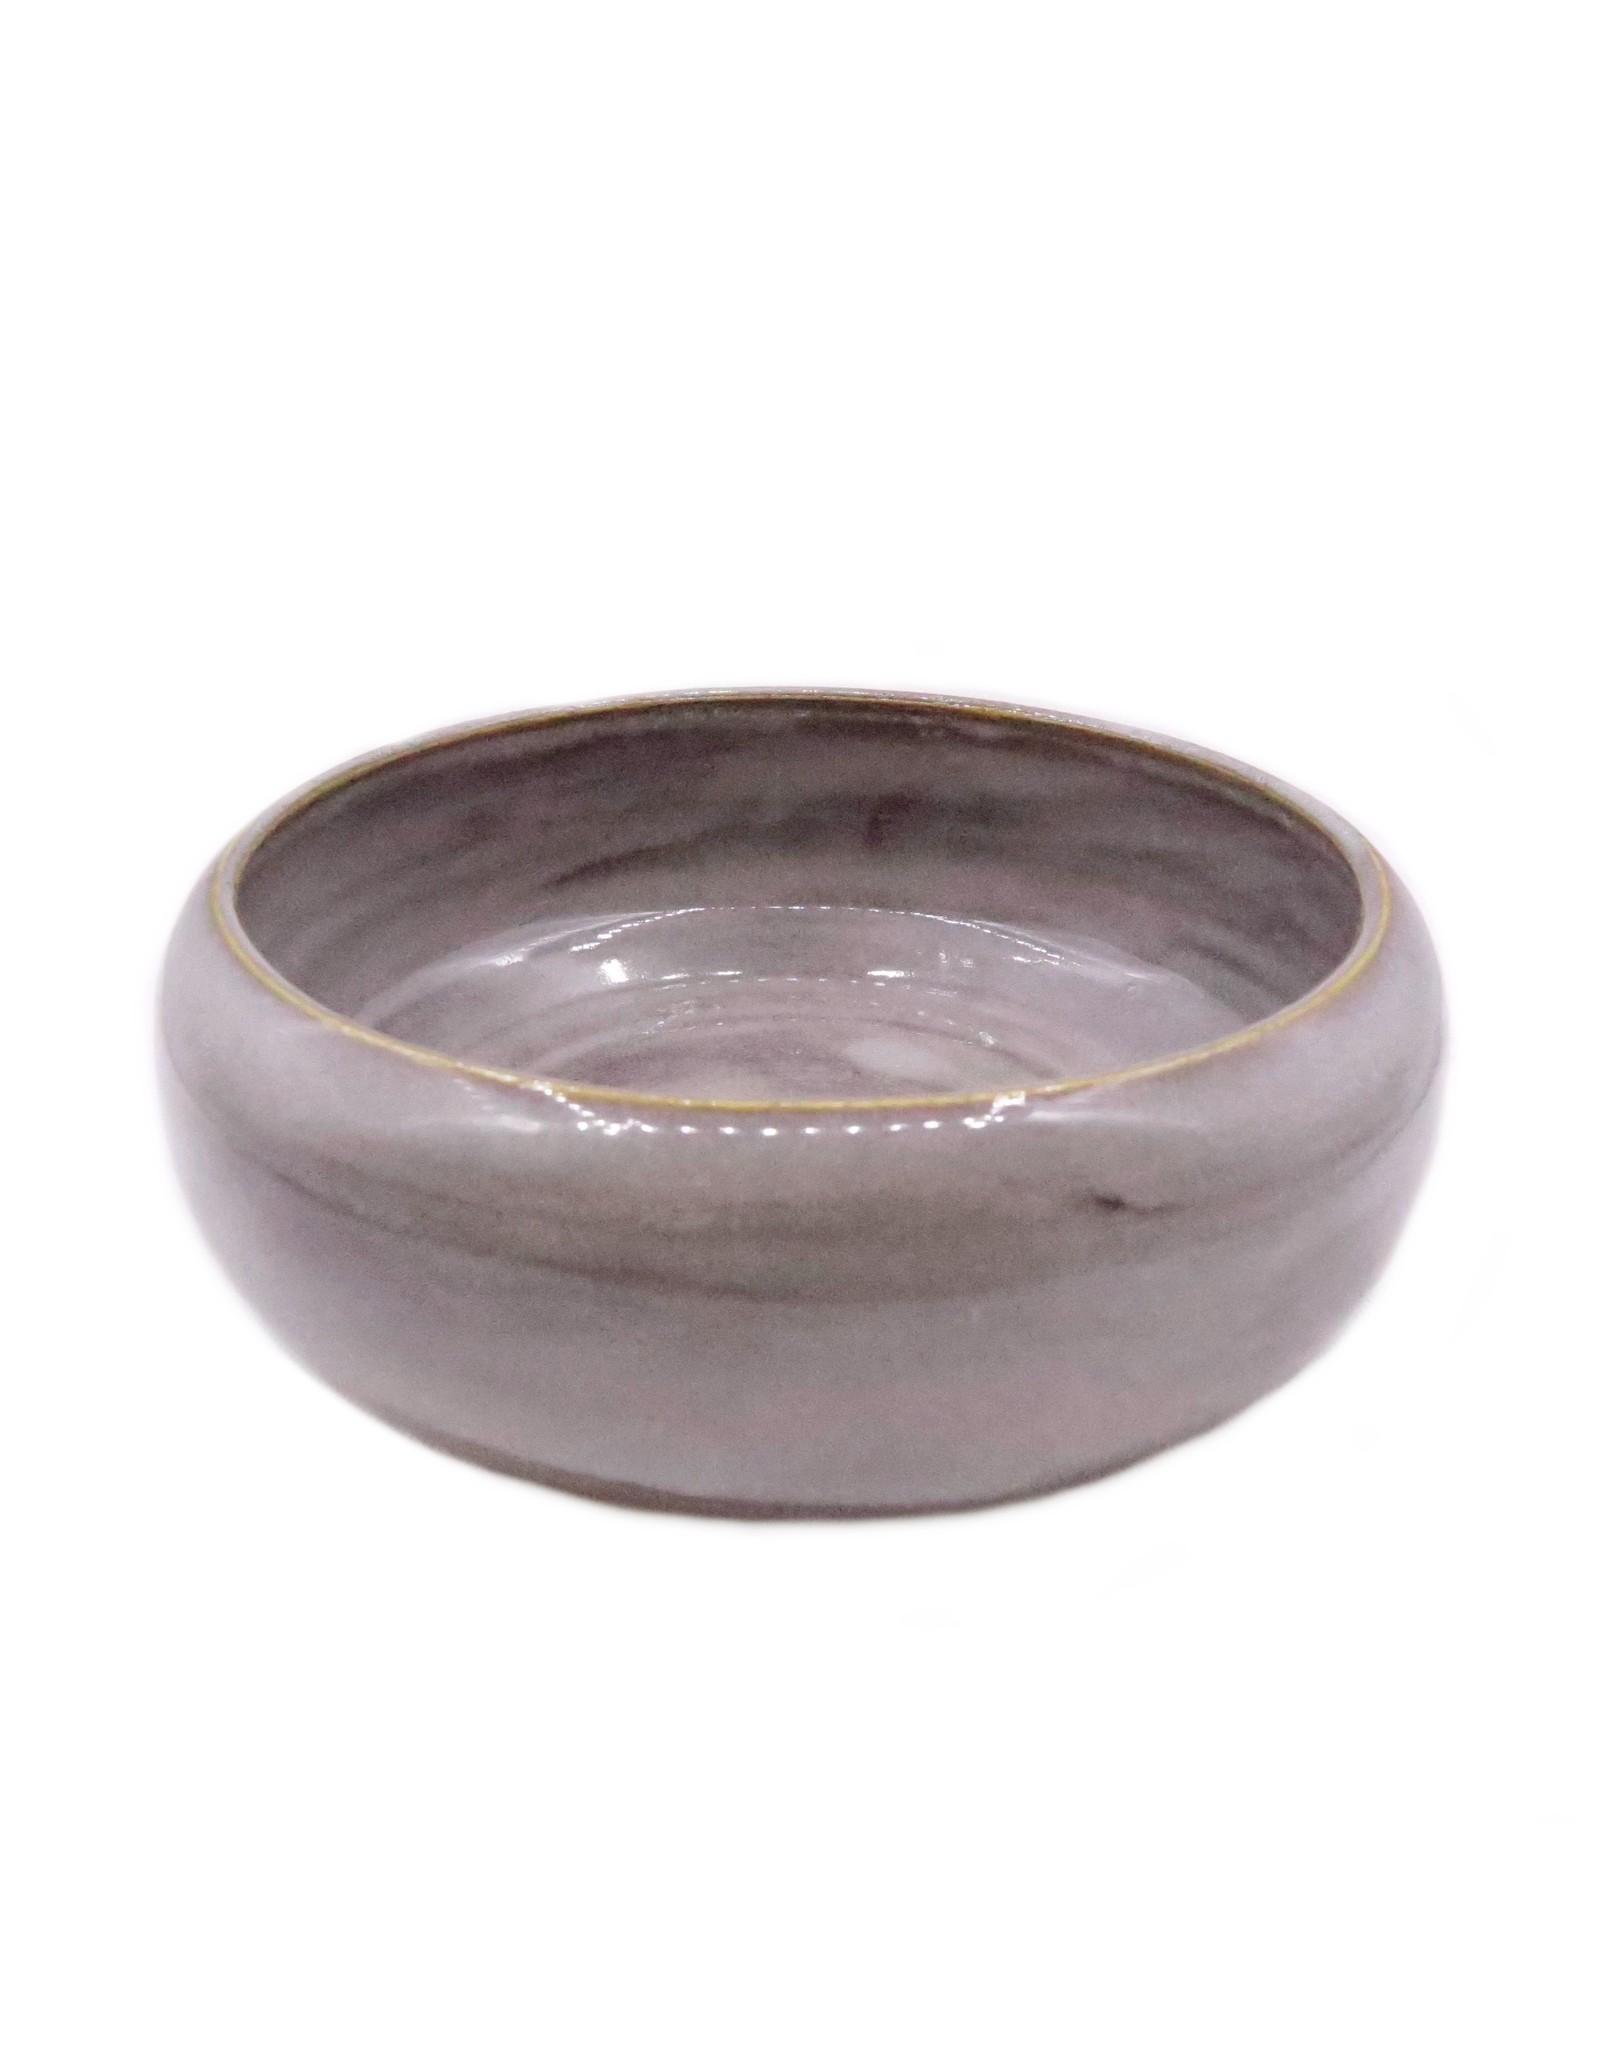 Water/food bowl powder